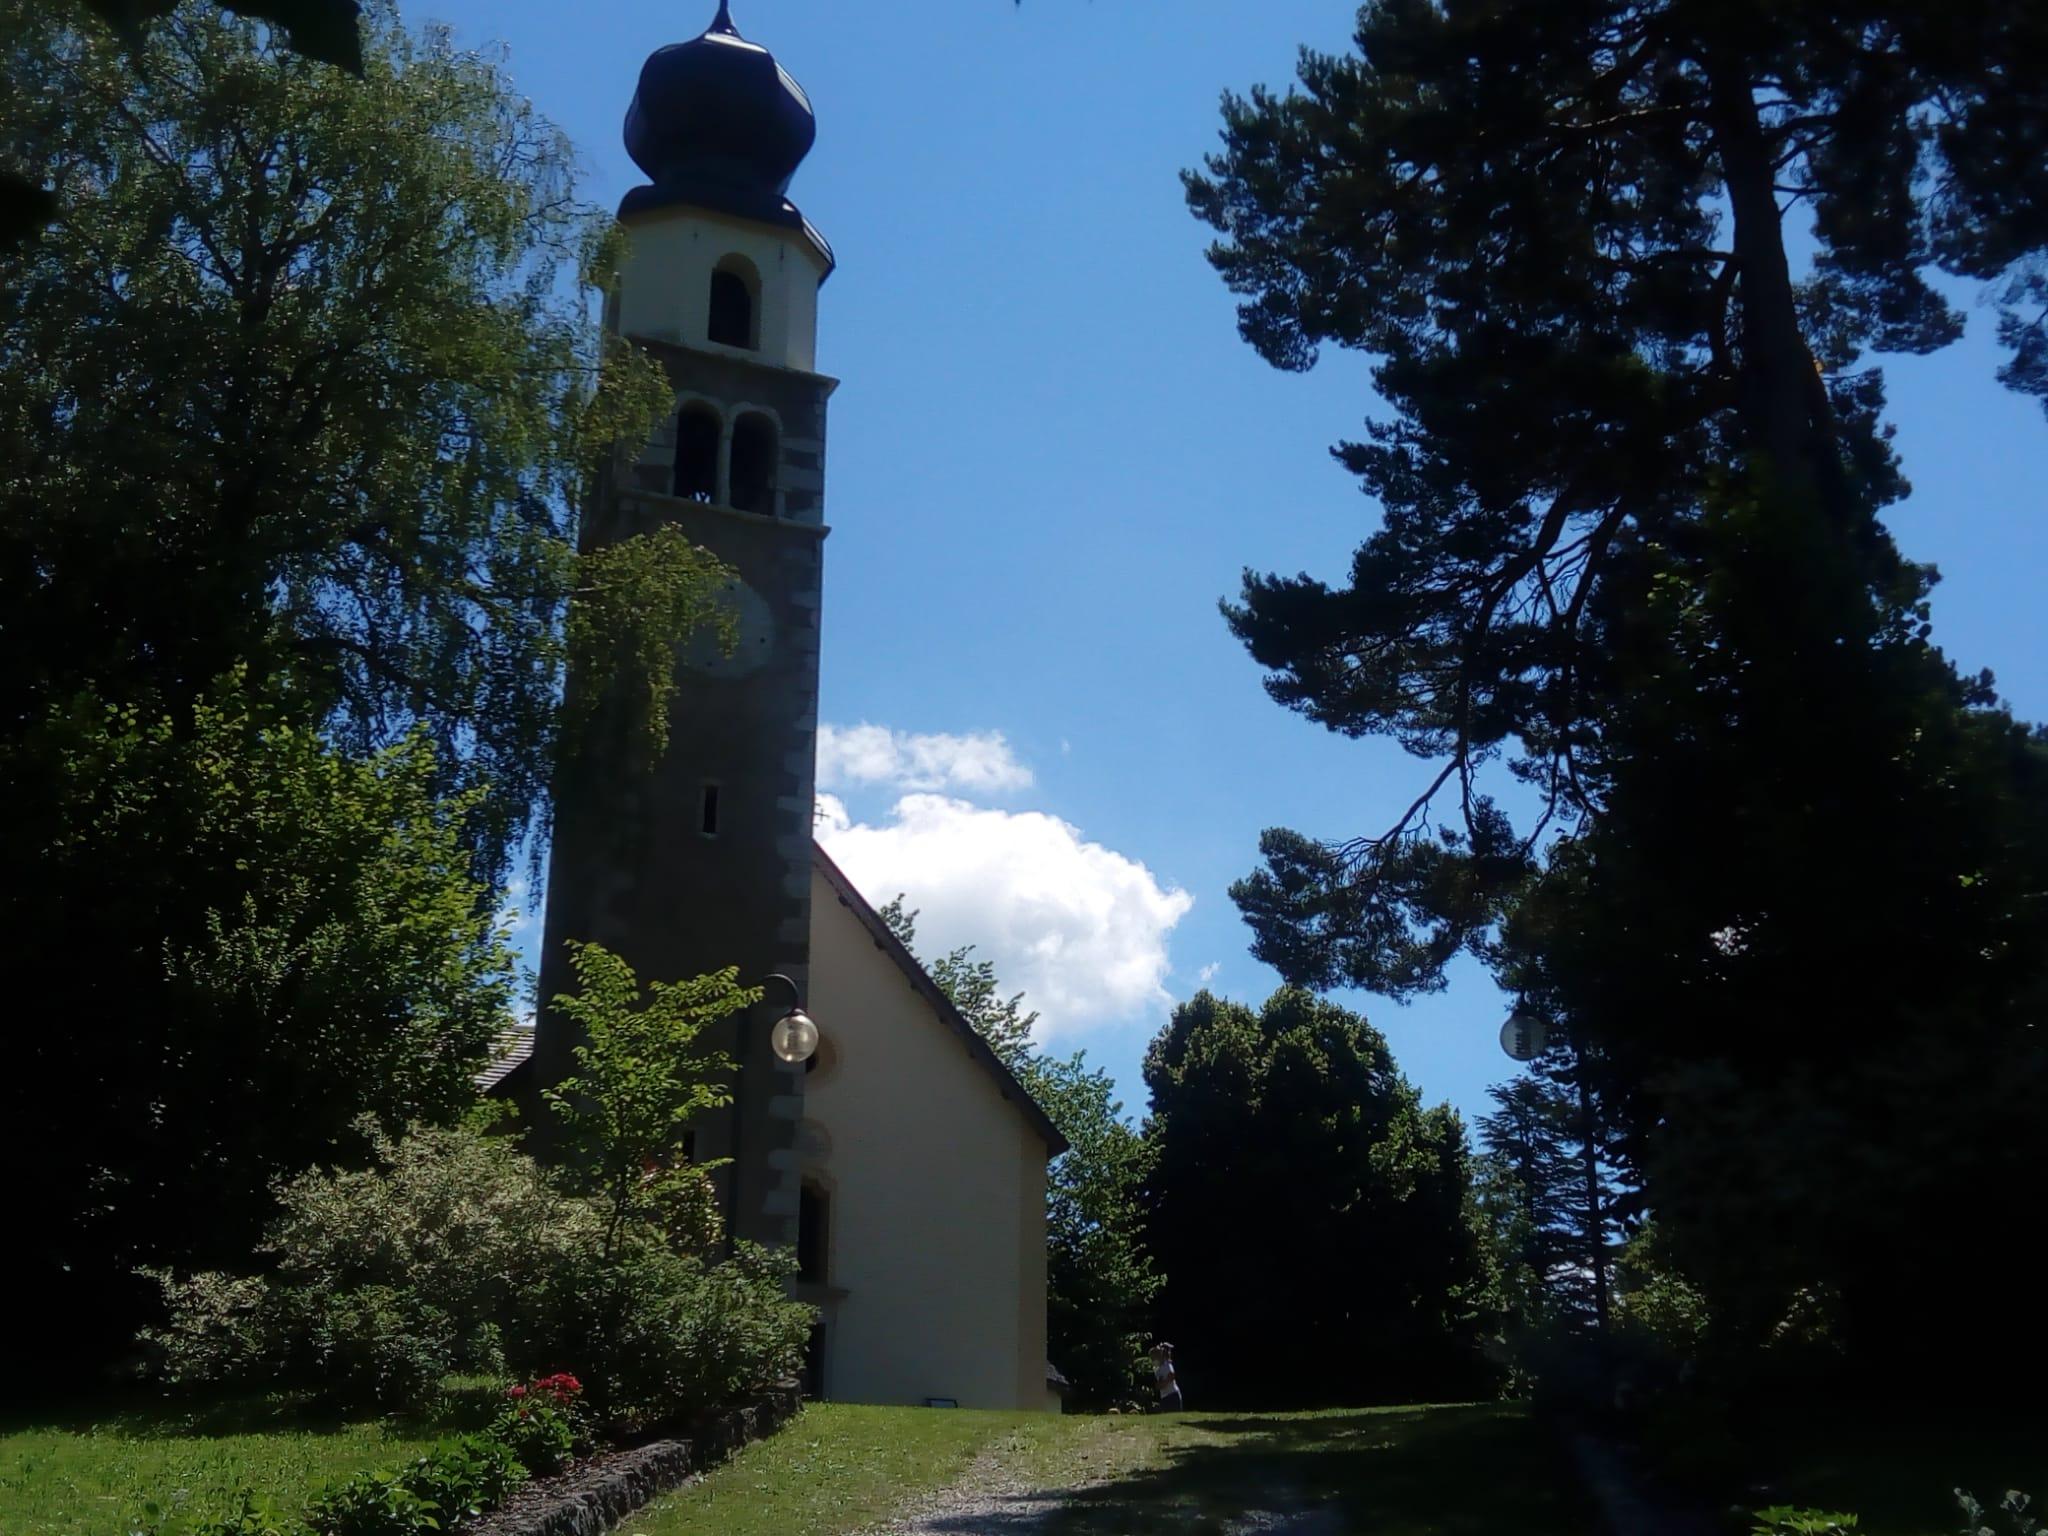 chiesa san sebastiano pieve tesino